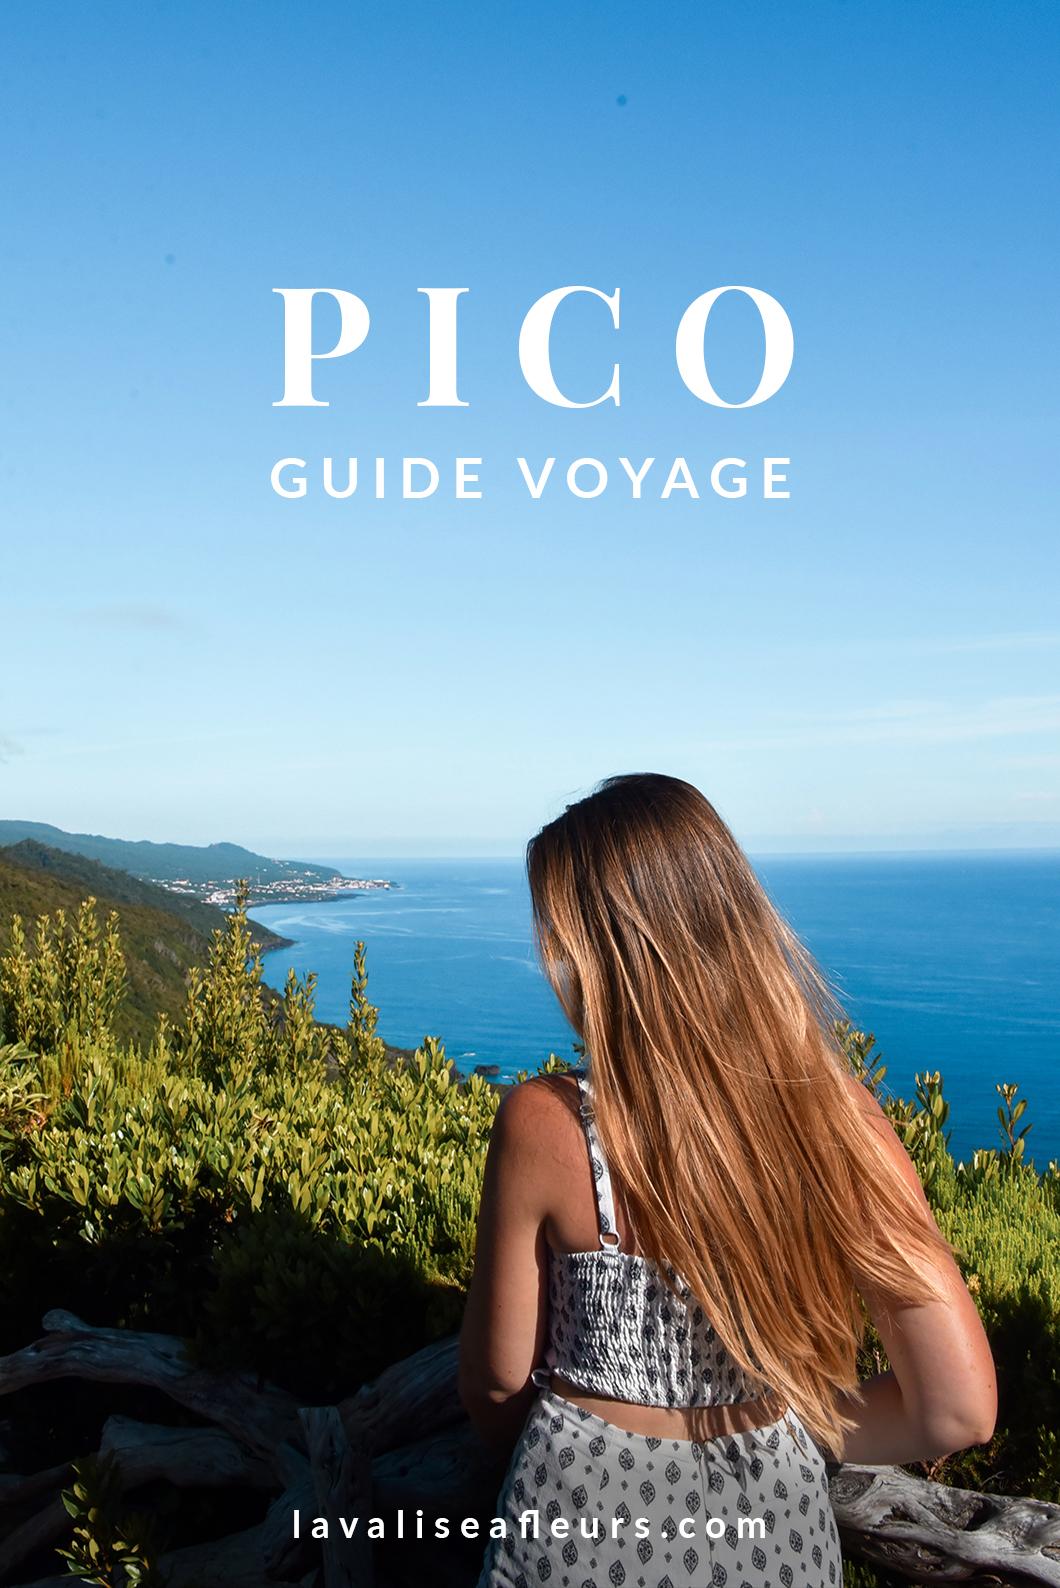 Pico, guide voyage